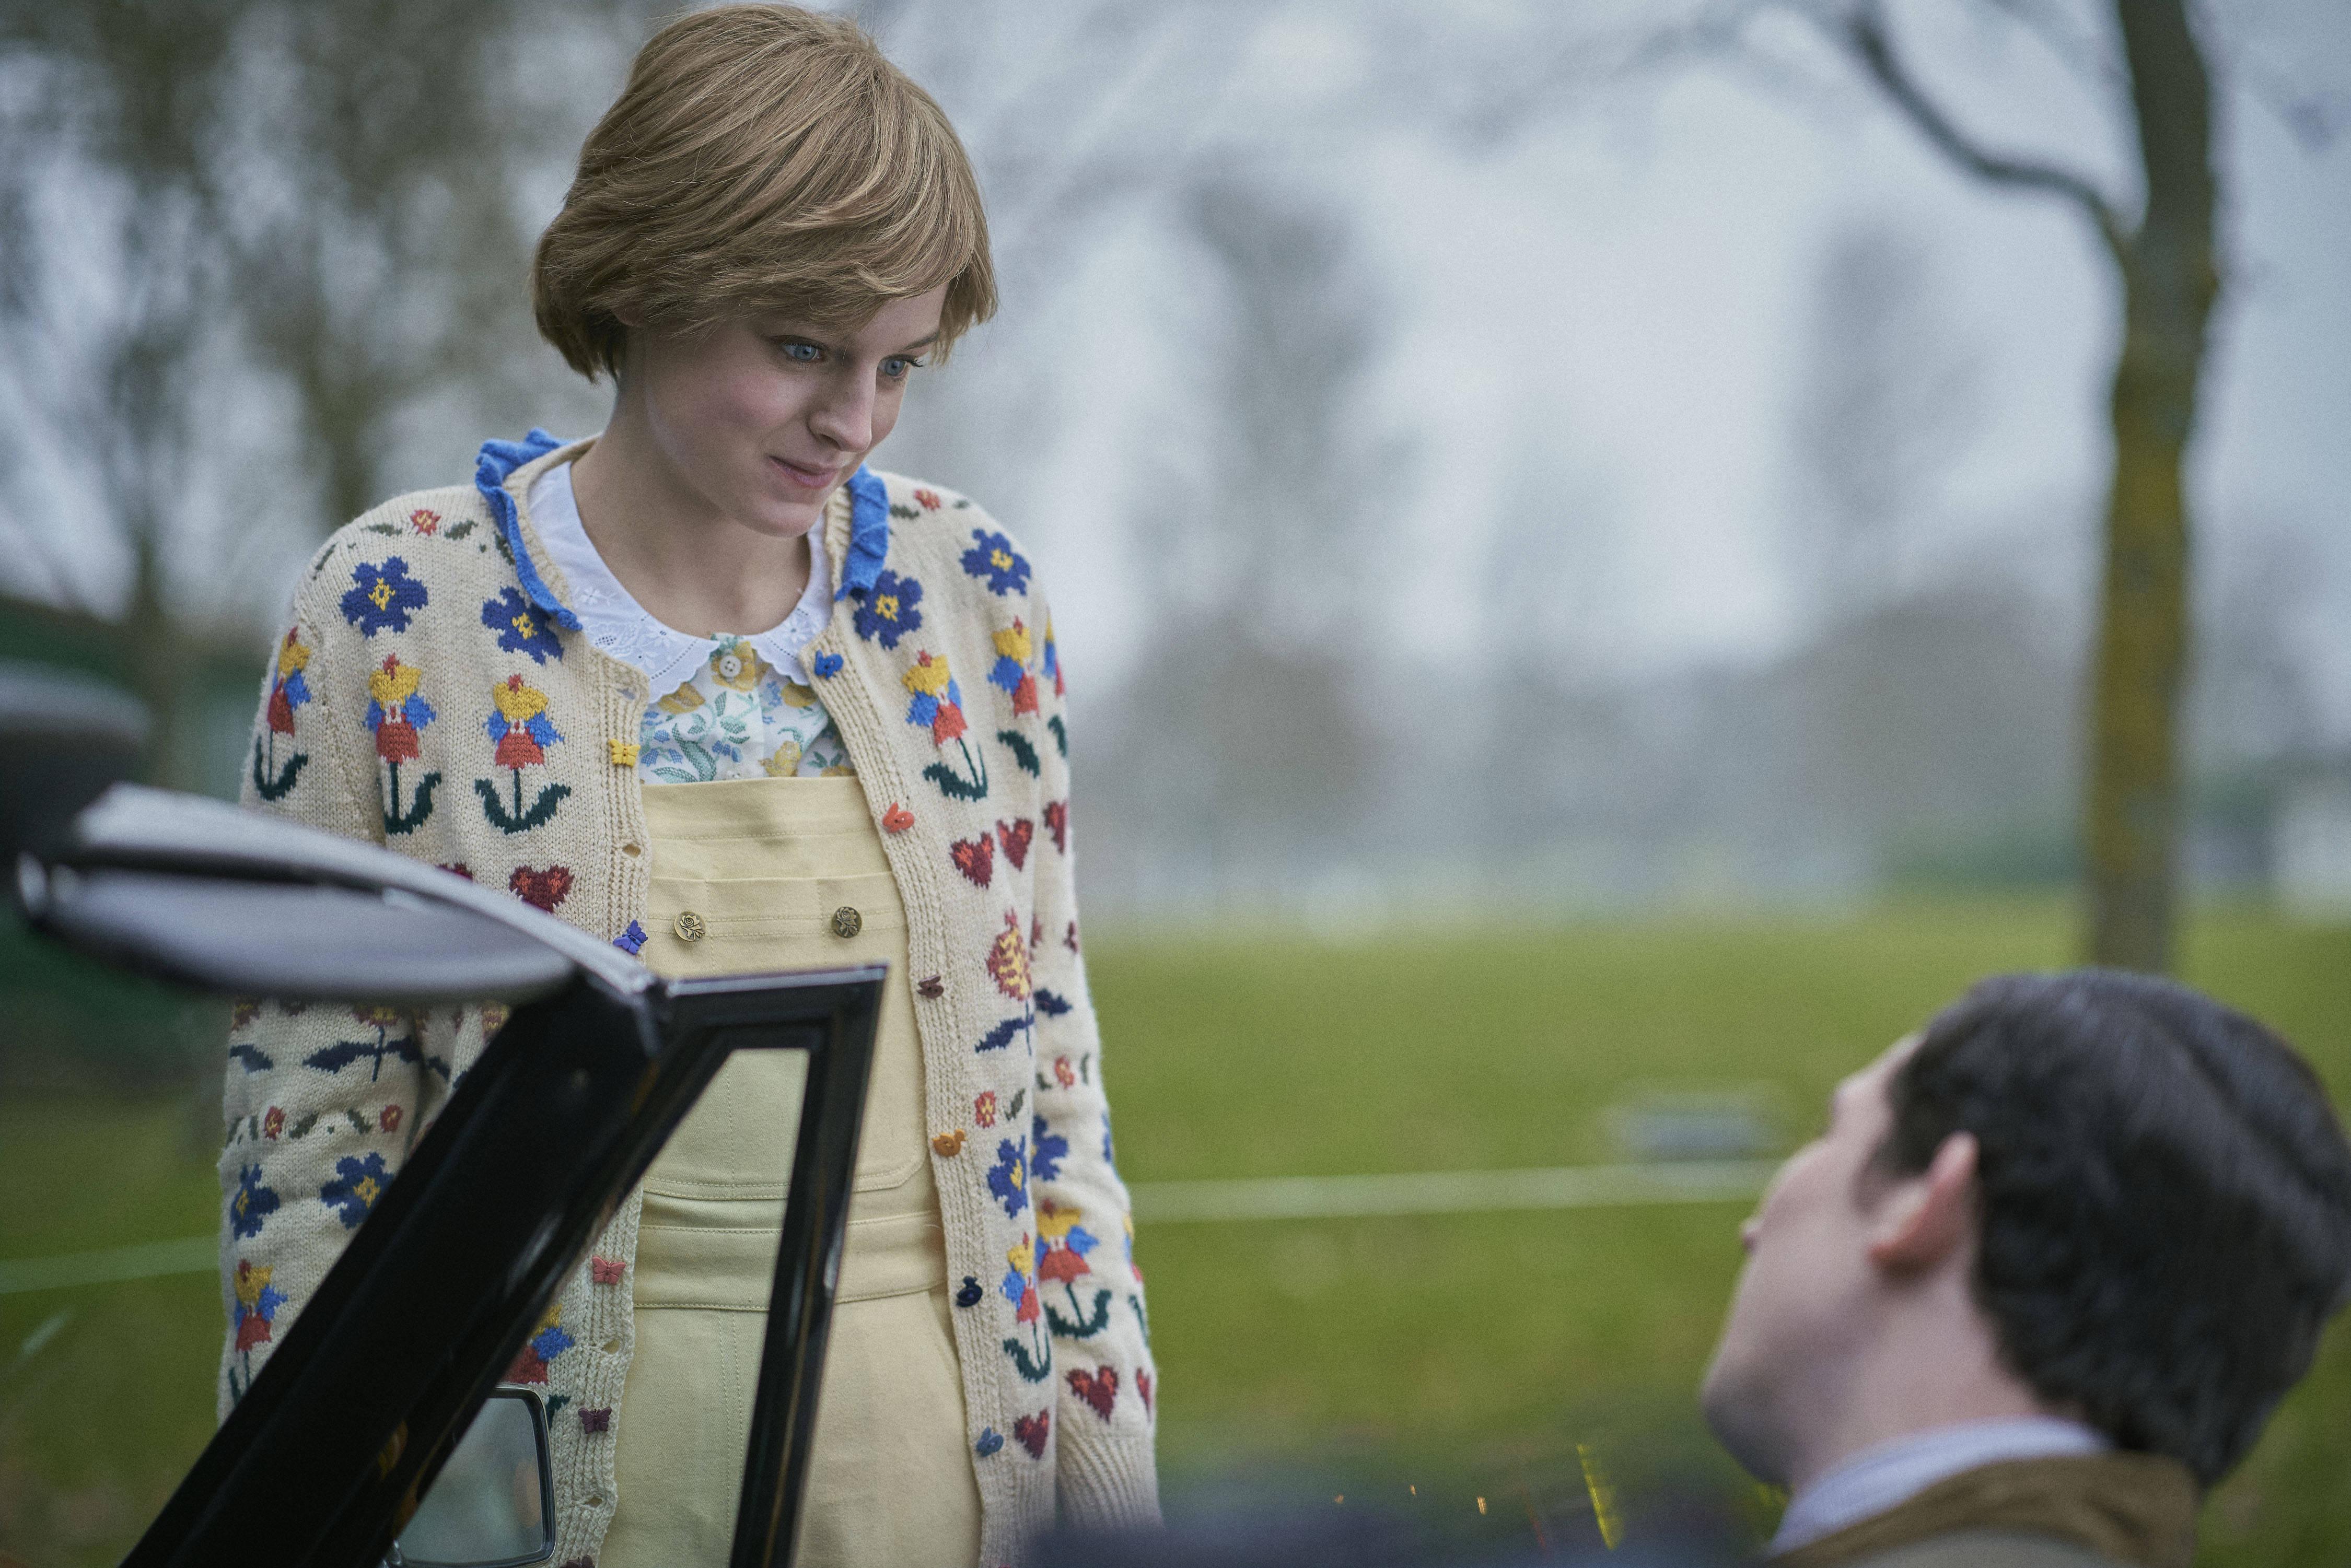 查尔斯王子和戴安娜王妃究竟是怎么认识的?《王冠》第四季中哪些才是真实发生的历史